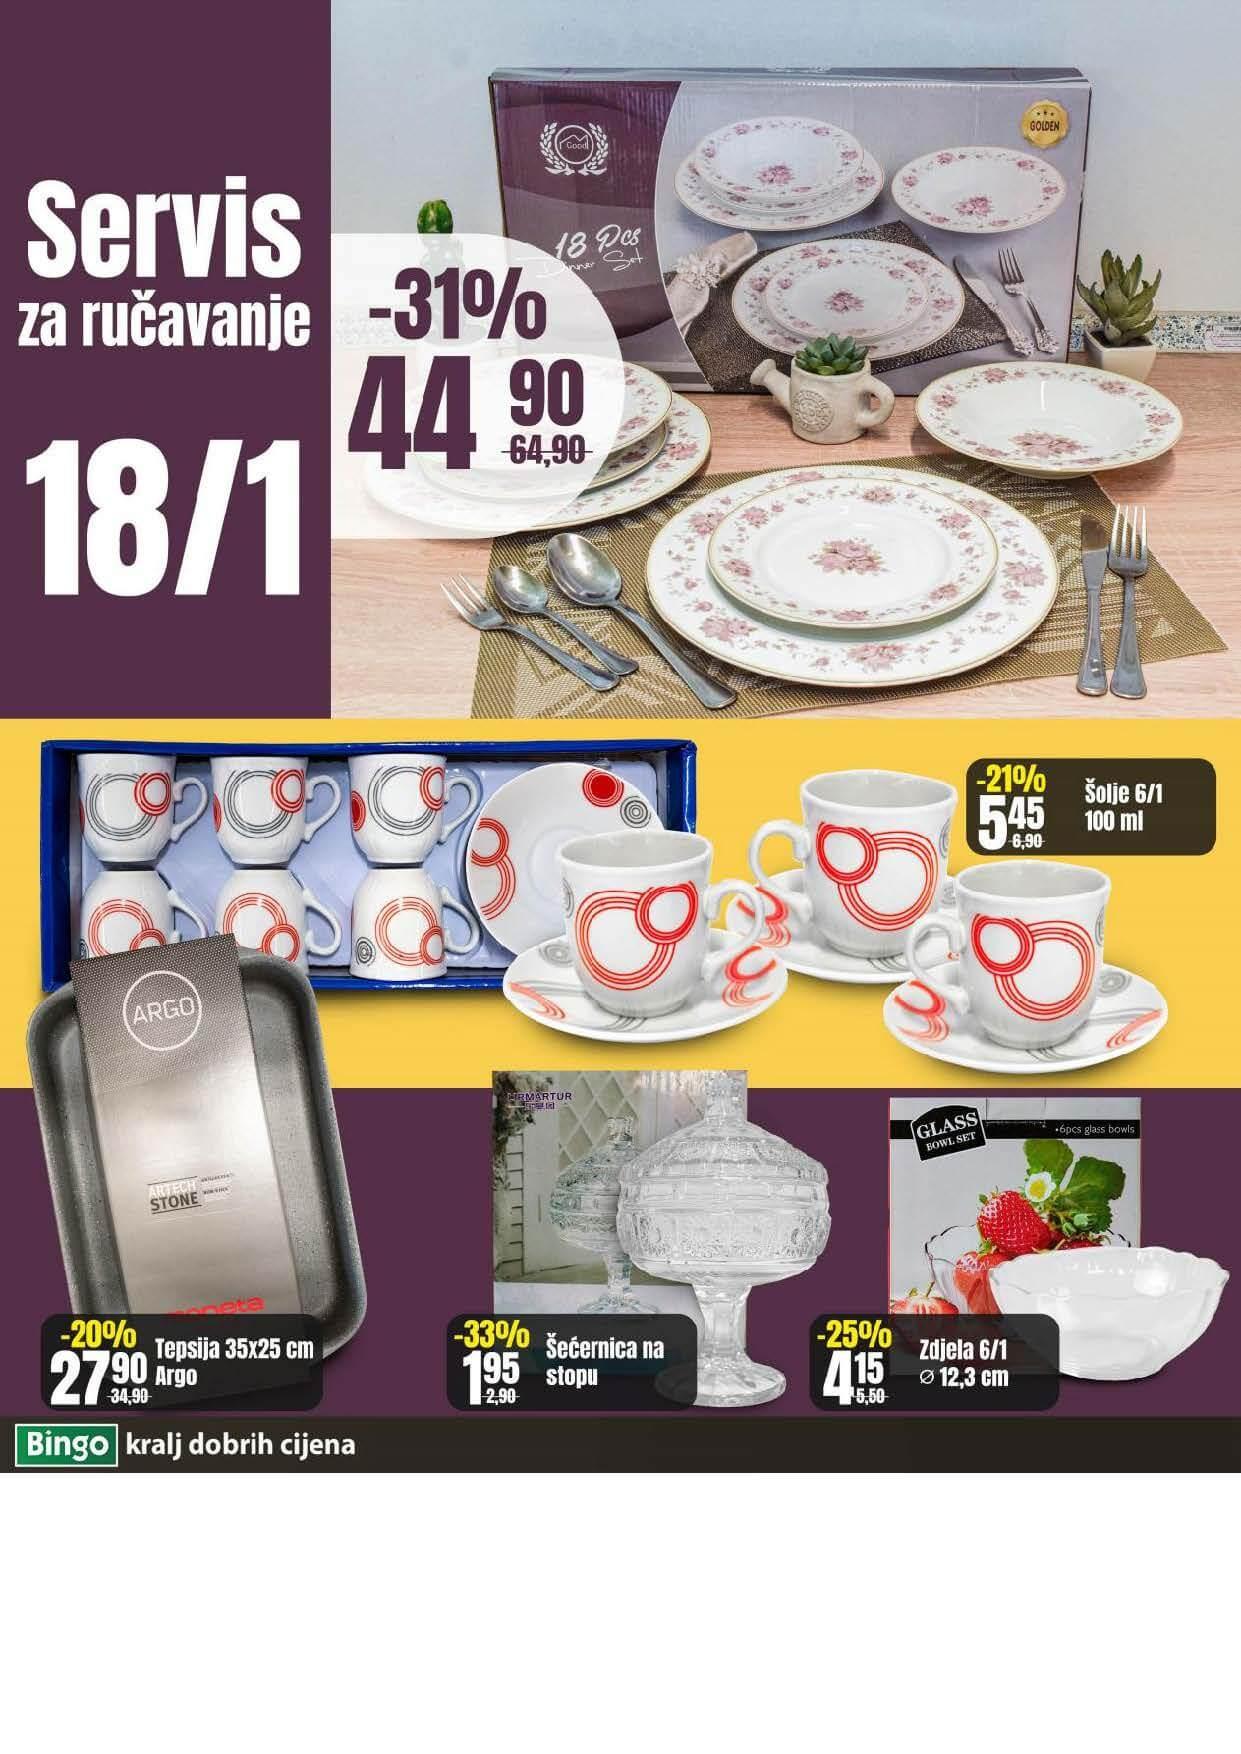 BINGO Katalog NOVA AKCIJA Sedmicna ponuda BINGO 10.05.2021. 17.05.2021. Page 10